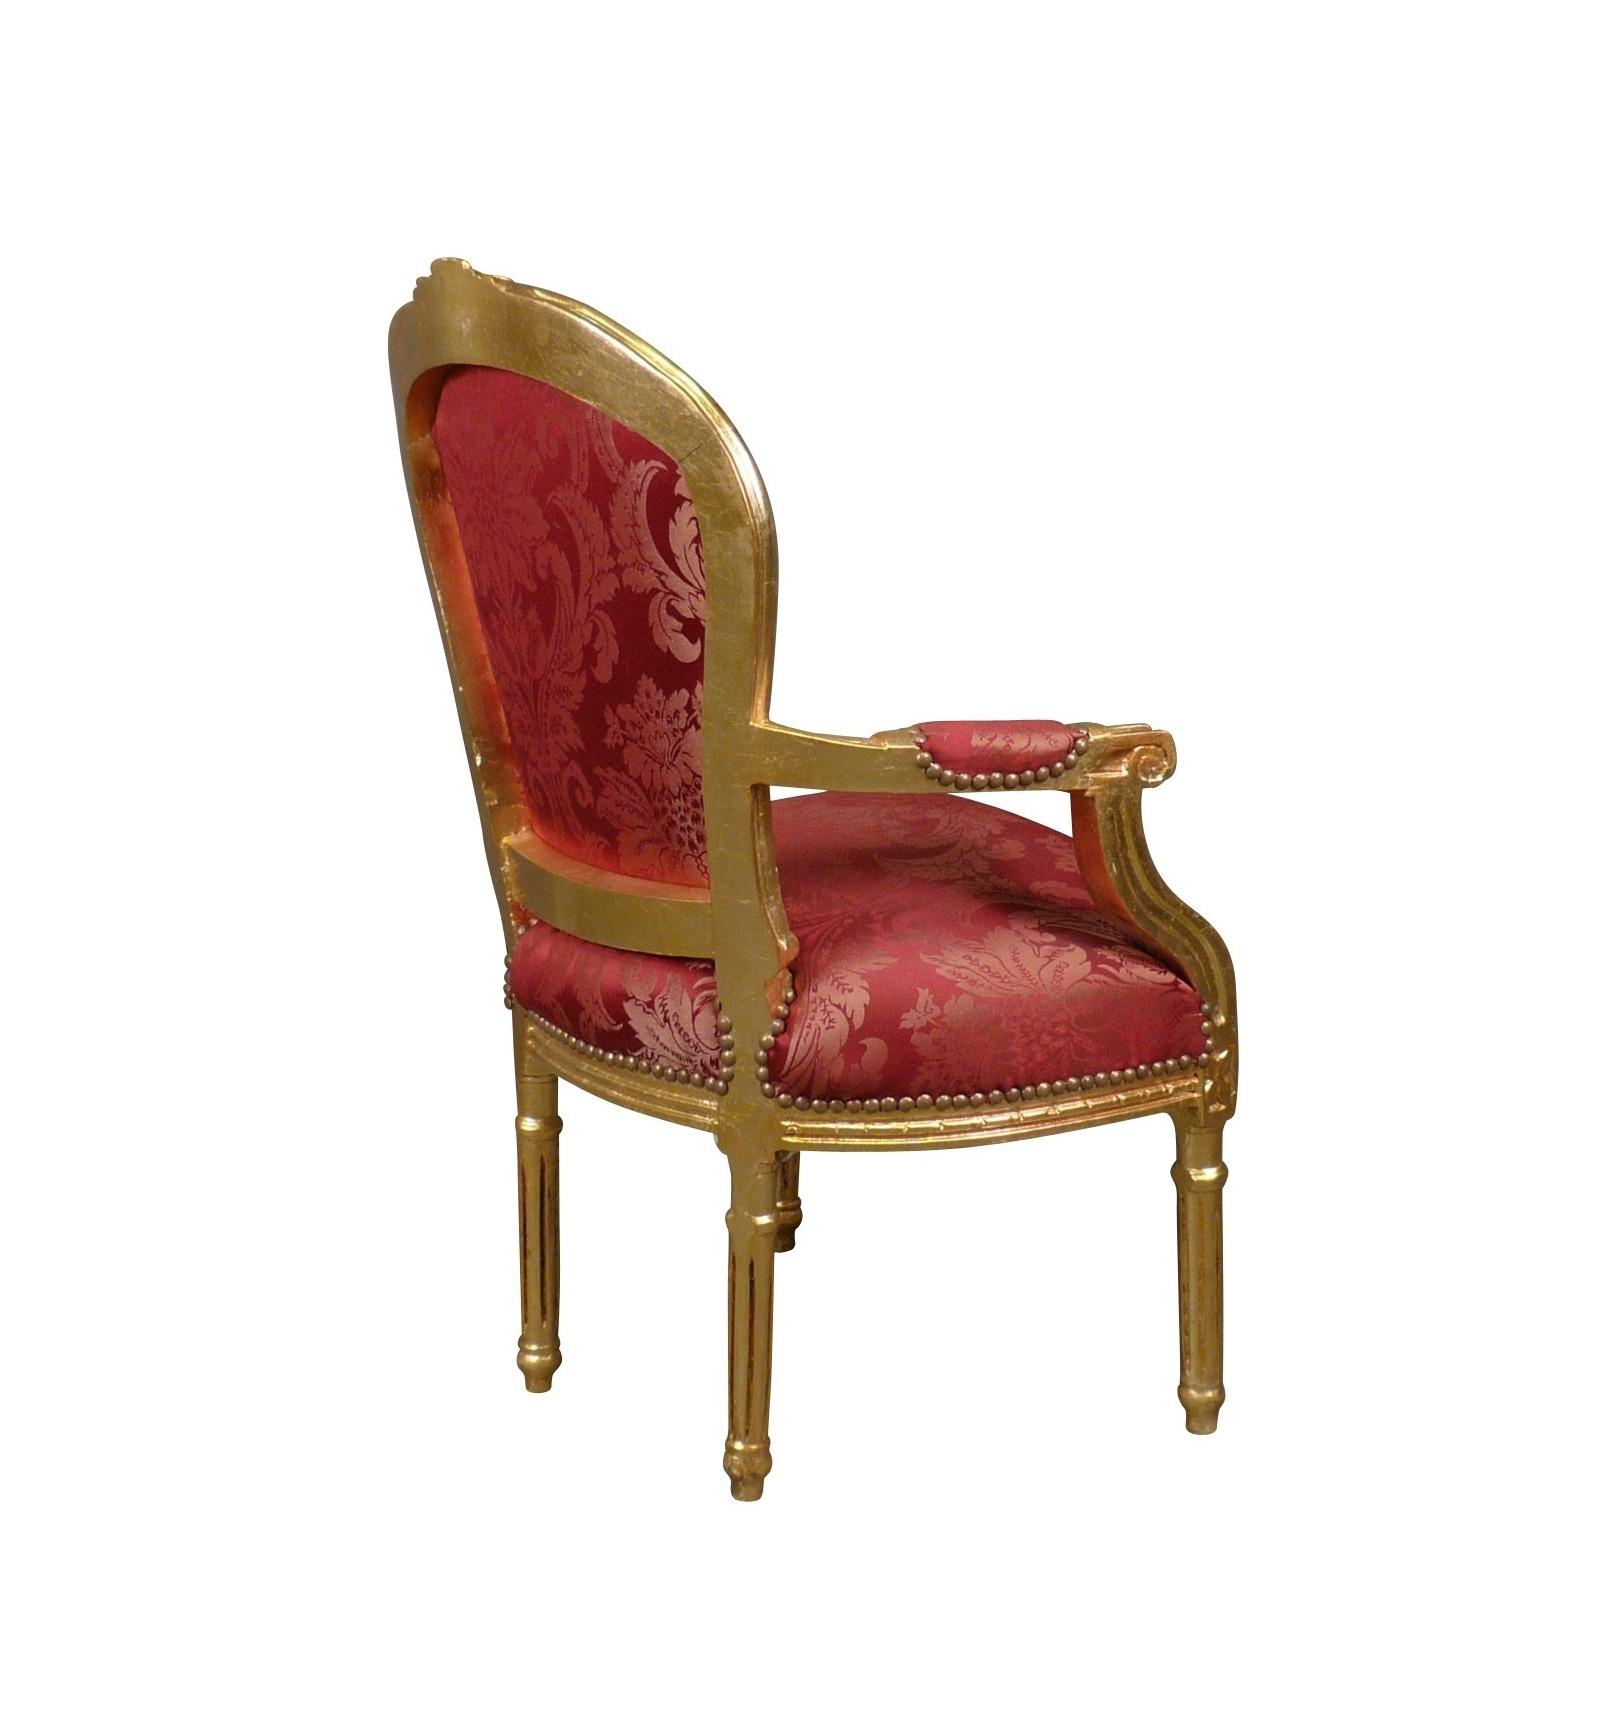 Silla luis xvi rojo de estilo barroco - Sillas louis xvi ...